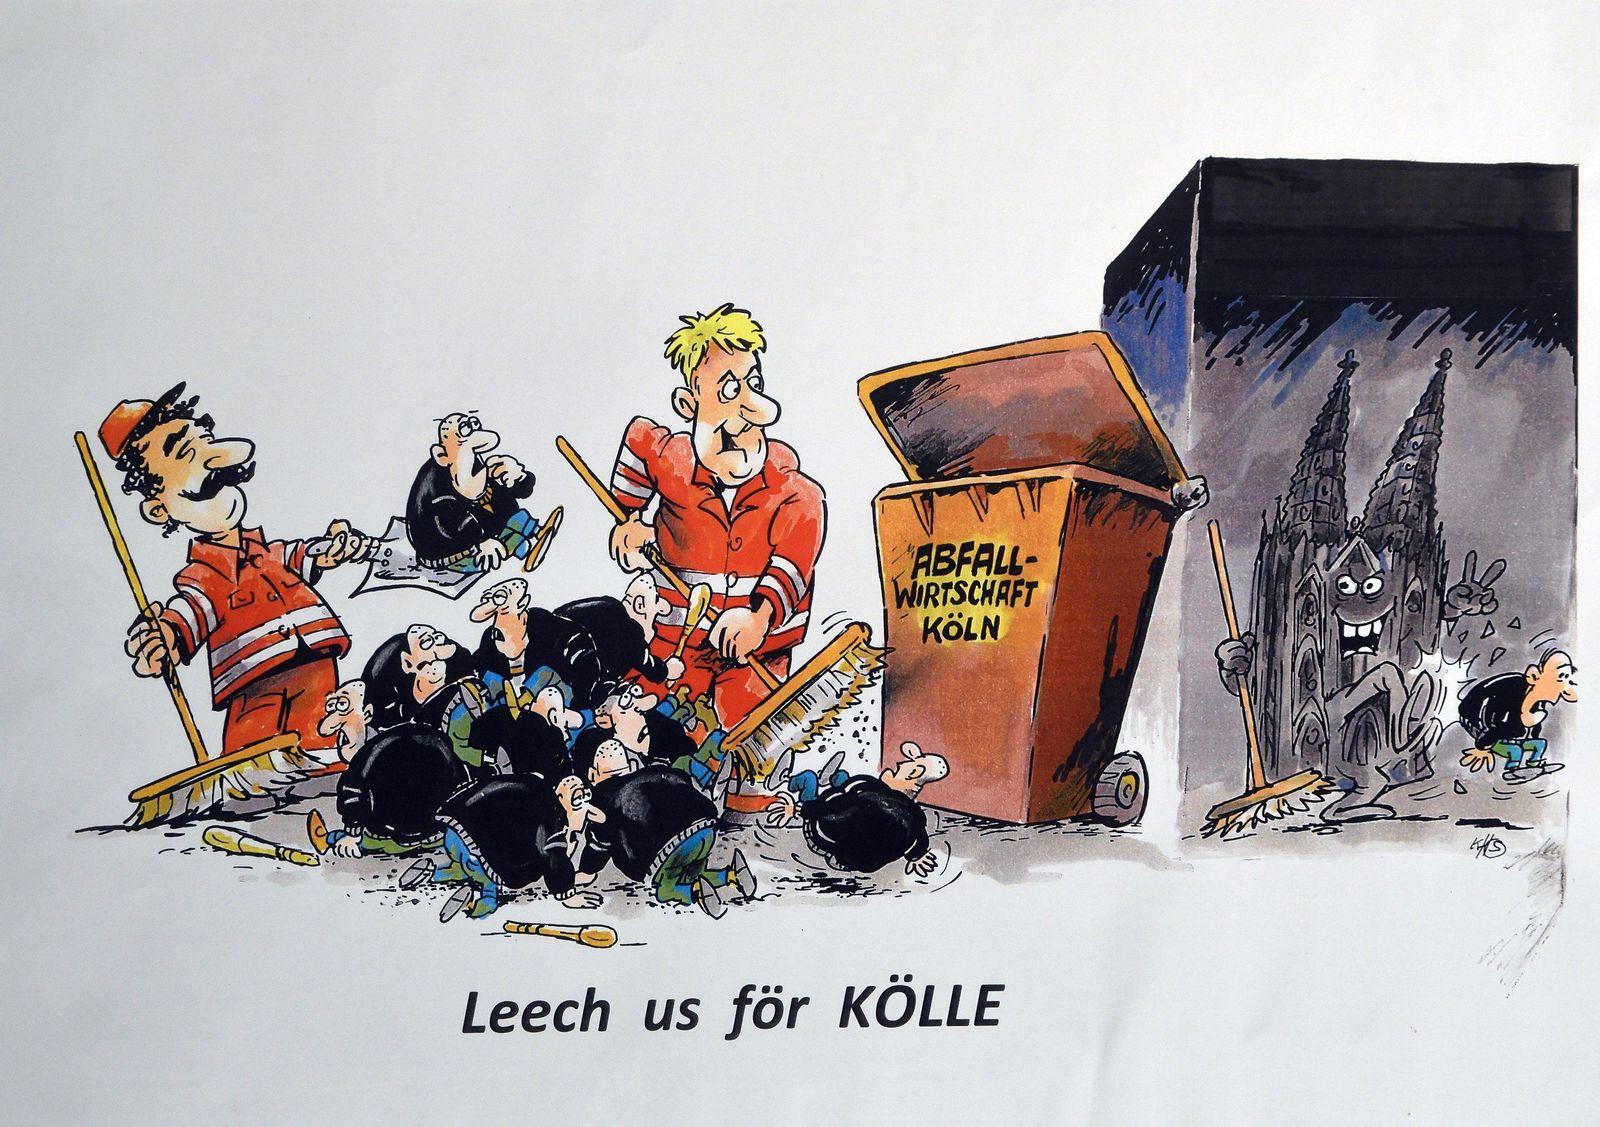 Festkomitee stellt Entwürfe für den Kölner Rosenmontagszug vor